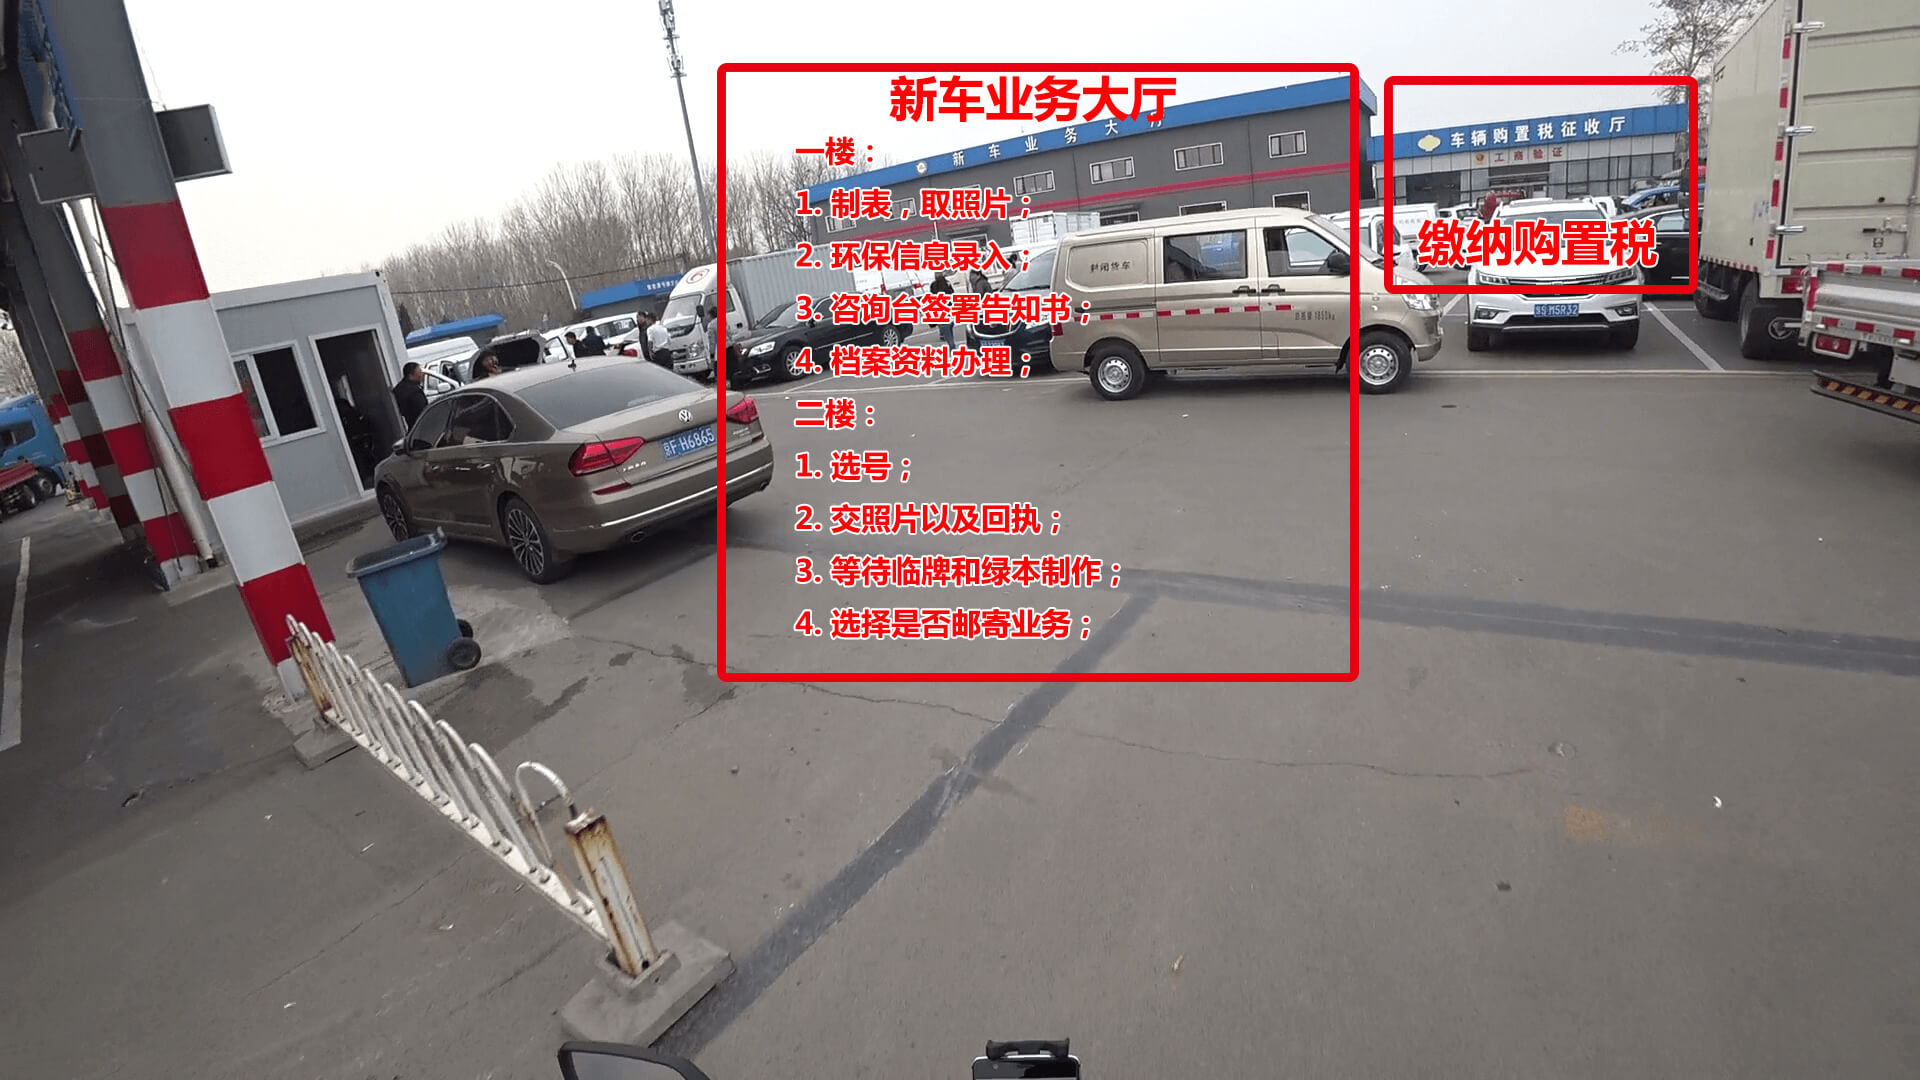 京顺机动车检测场图示三